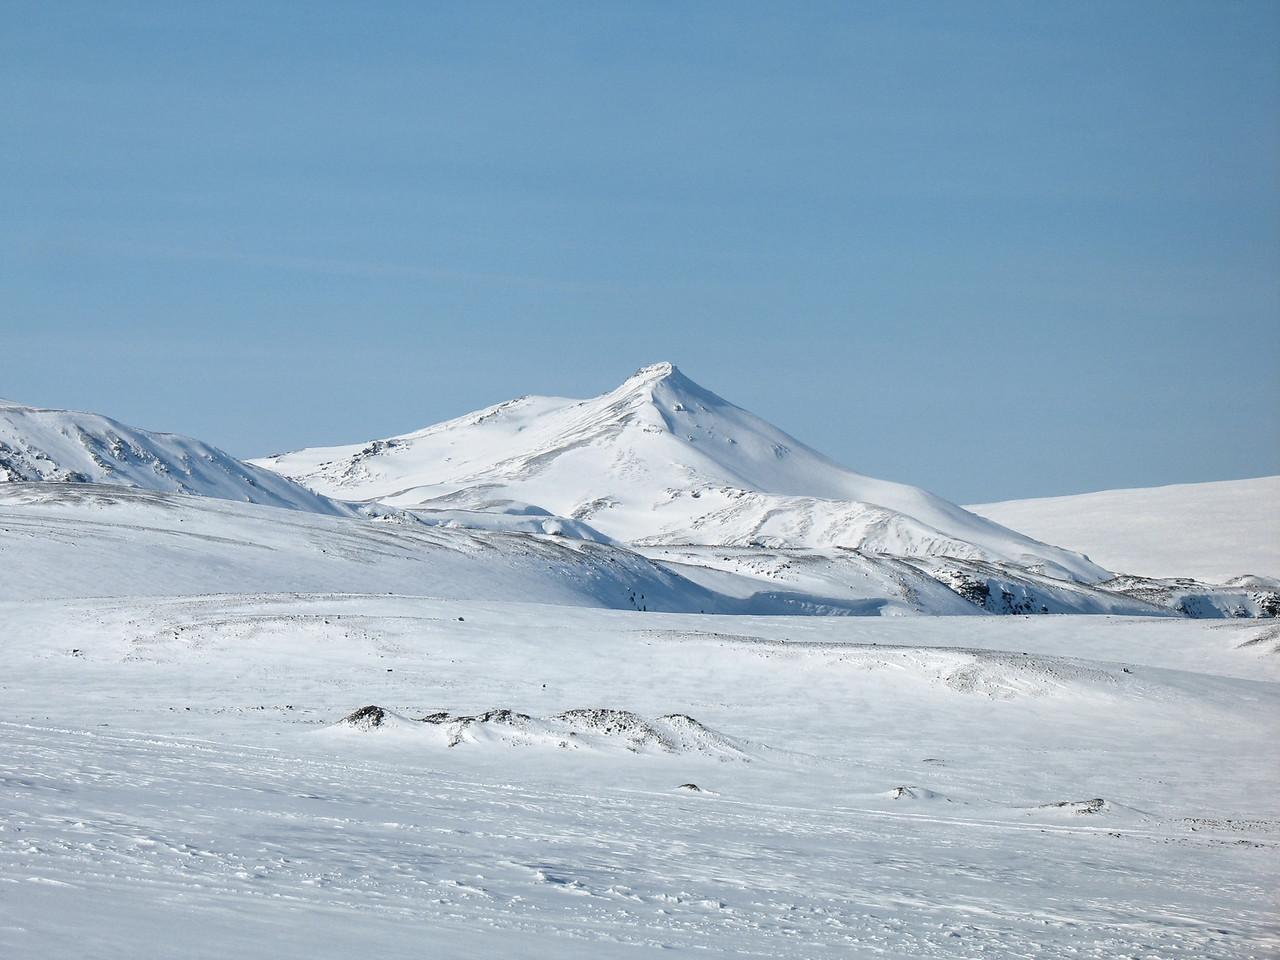 Hádegishnjúkur með nokkrum aðdrætti. Fallegt fjall og skemmtilegt að ganga á (sjá myndaalbúm frá maí 2006).